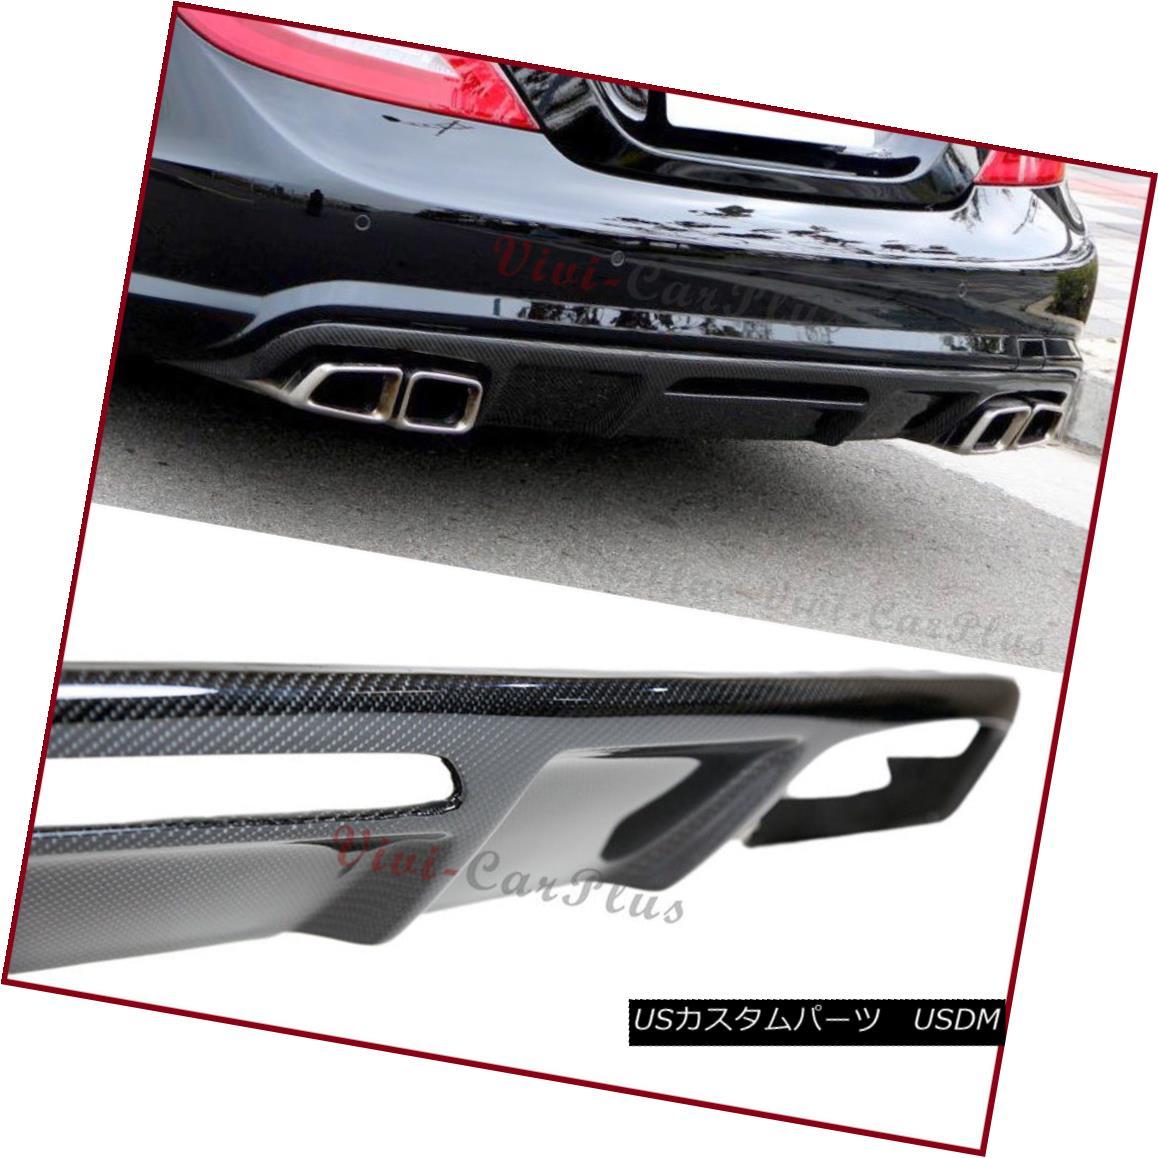 エアロパーツ Carbon Fiber Diffuser Fit 11-16 M-Benz W218 CLS350 CLS550 CLS63 AMG Rear Bumper カーボンファイバーディフューザーフィット11-16 M-Benz W218 CLS350 CLS550 CLS63 AMGリアバンパー